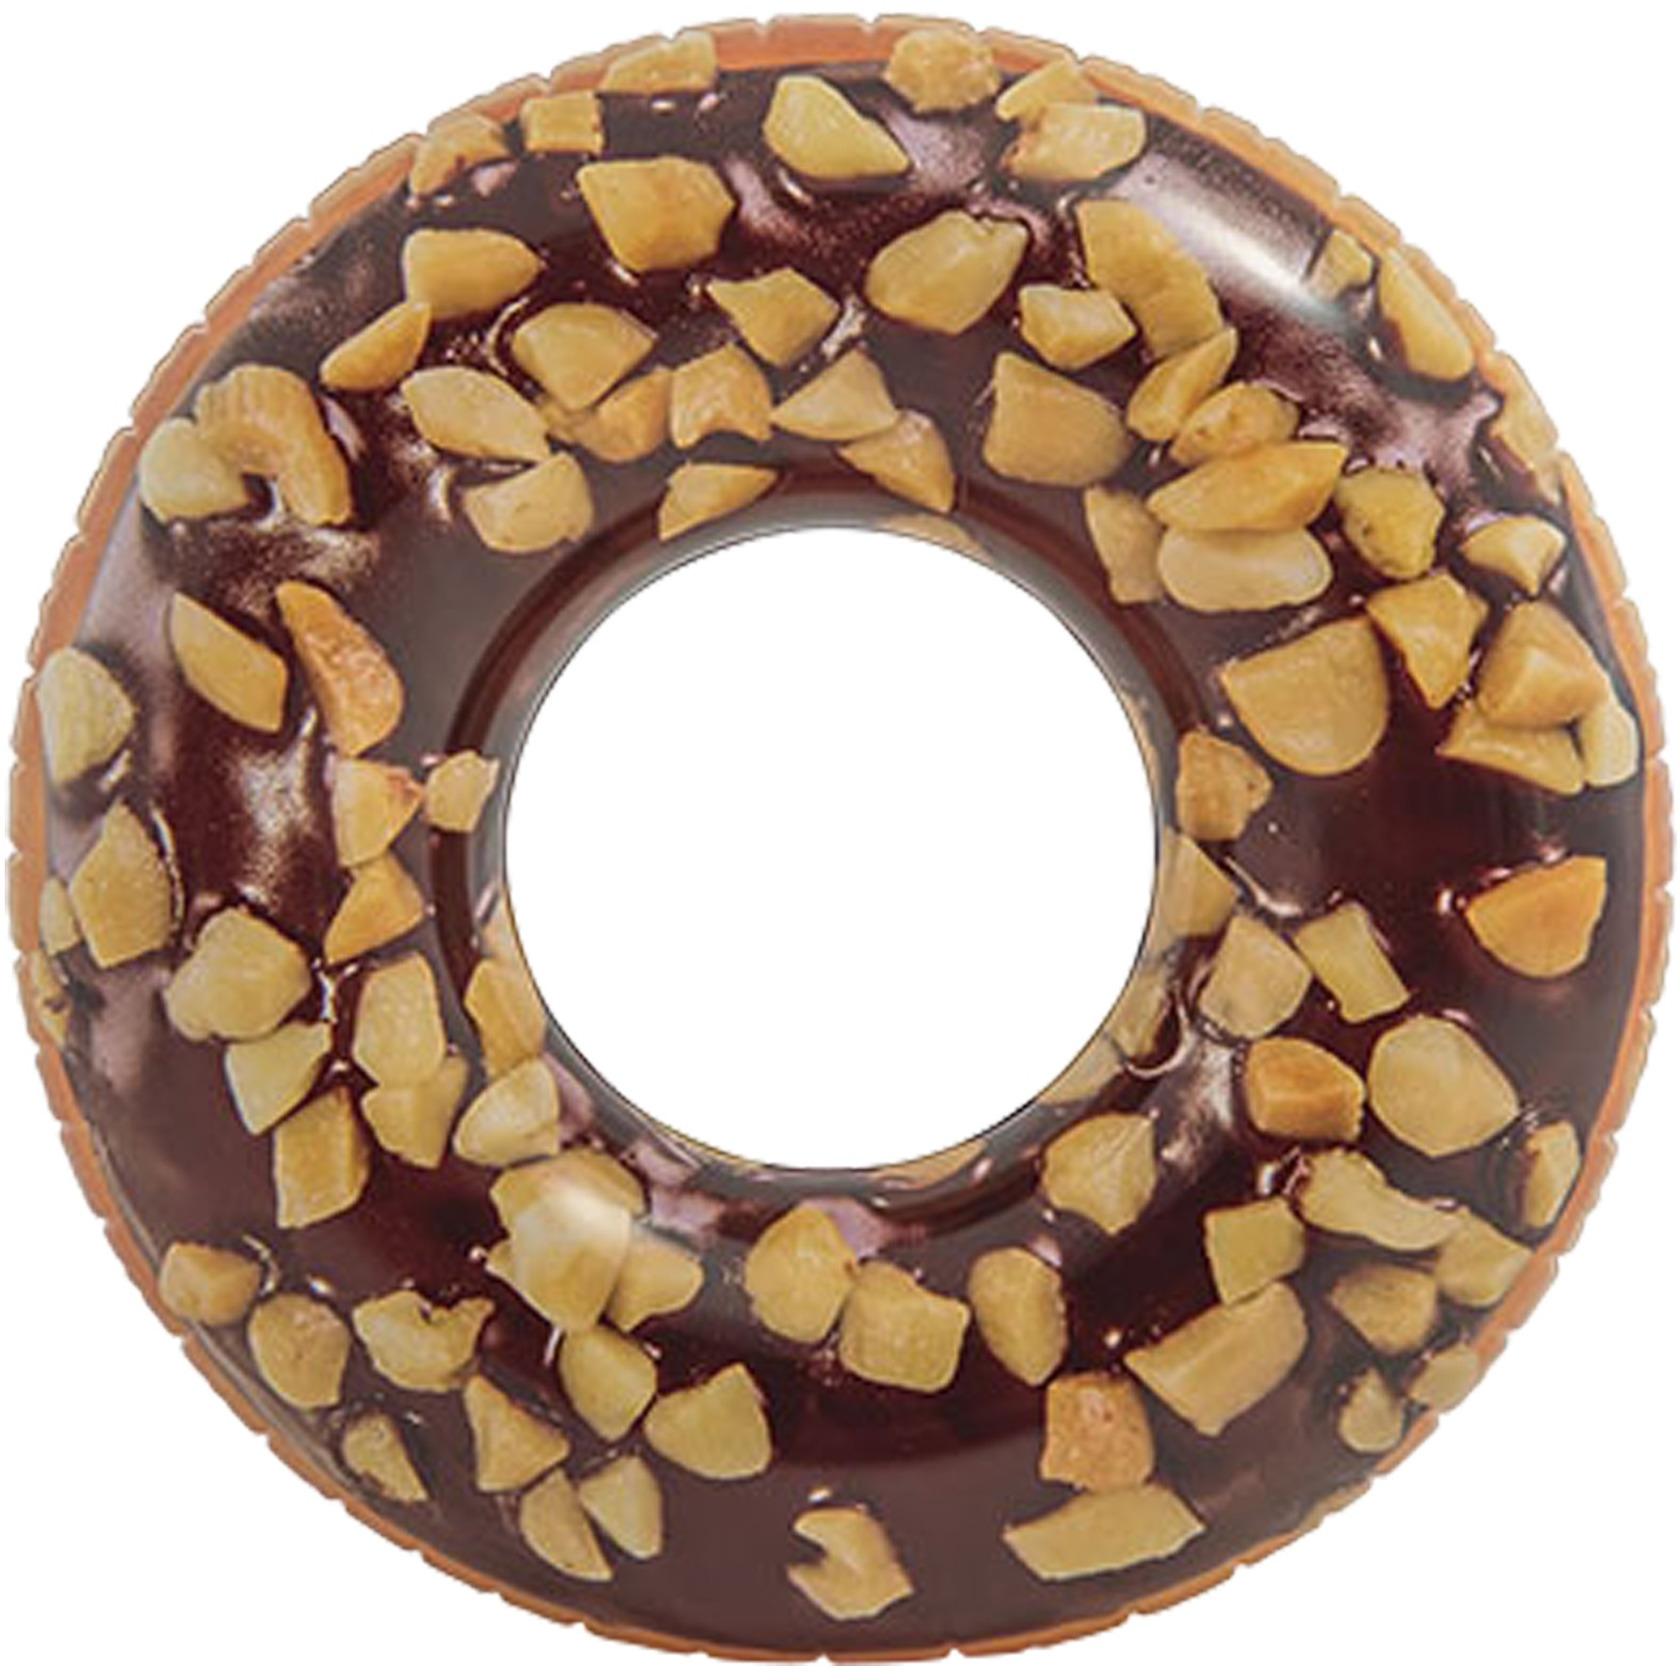 Opblaasbare chocolade donut XXL zwemband 114 cm